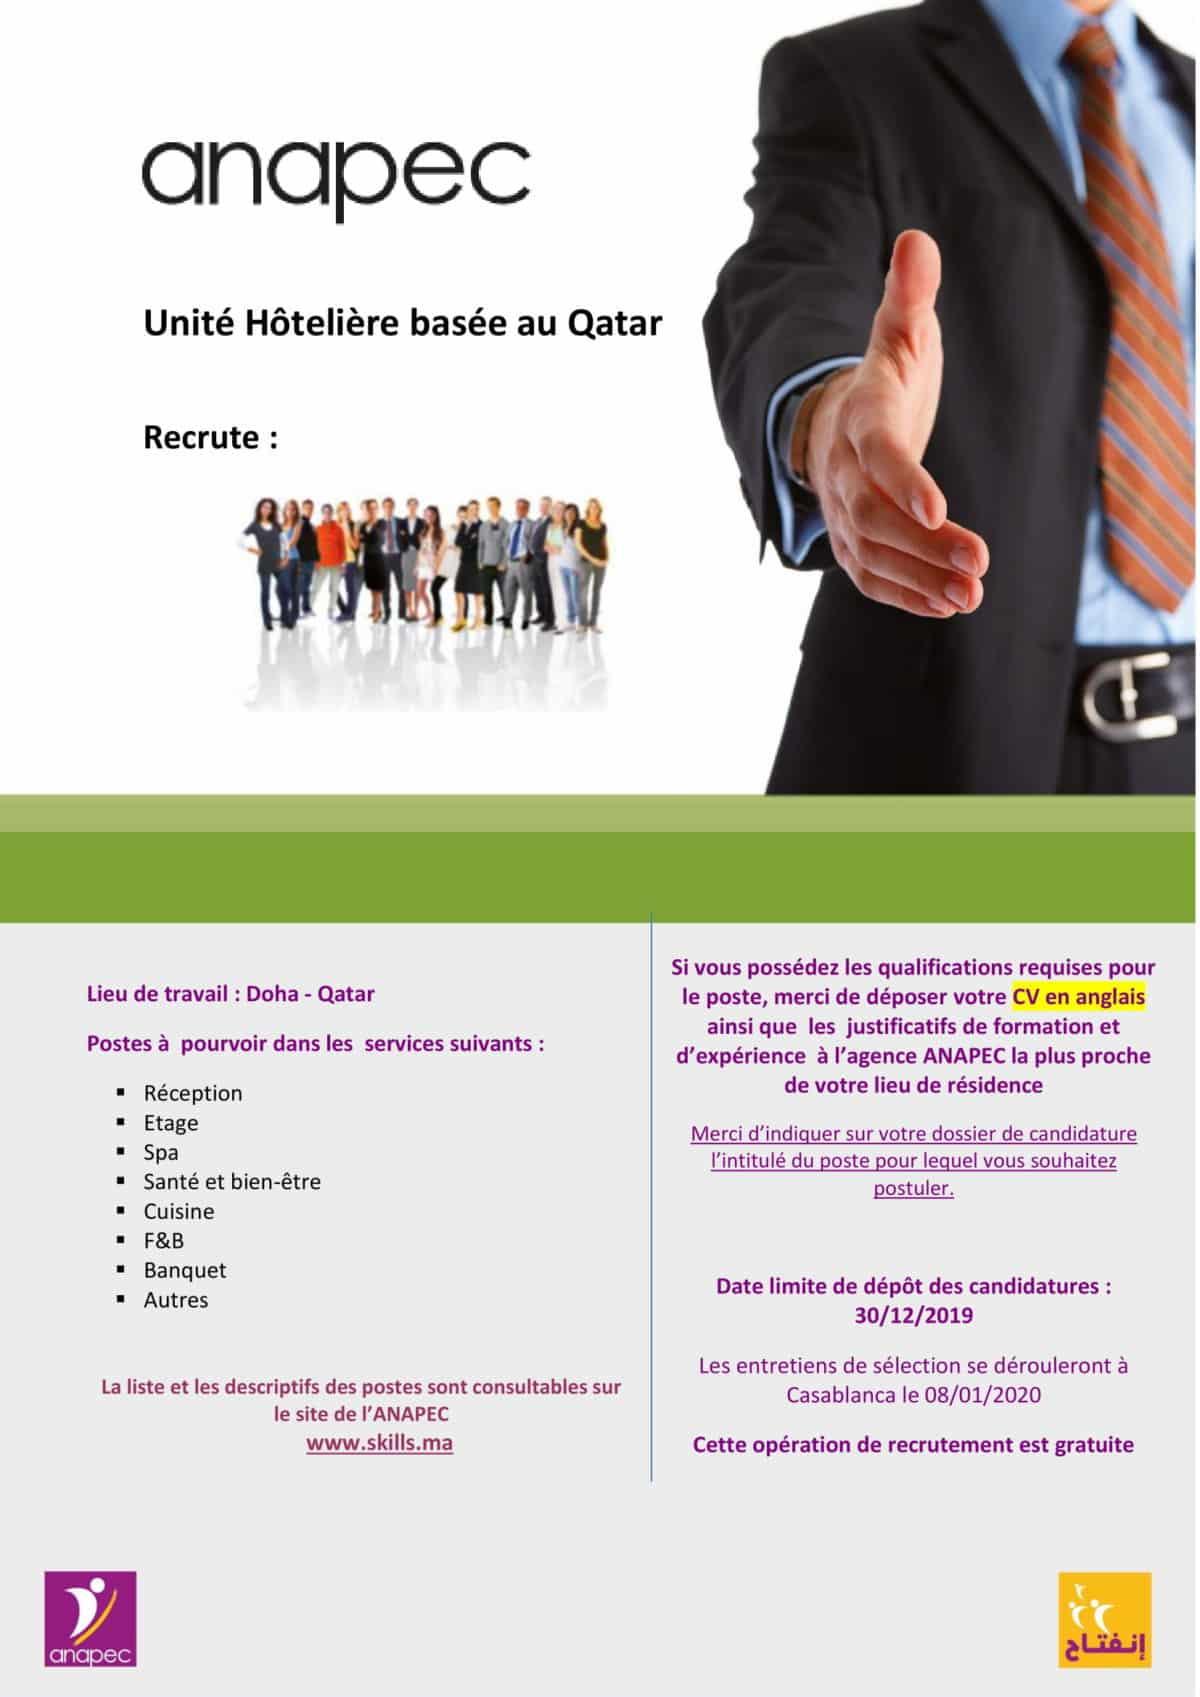 zulal1 1 Anapec Skills: 104 Postes à Pourvoir pour une Unité Hôtelière basée au Qatar